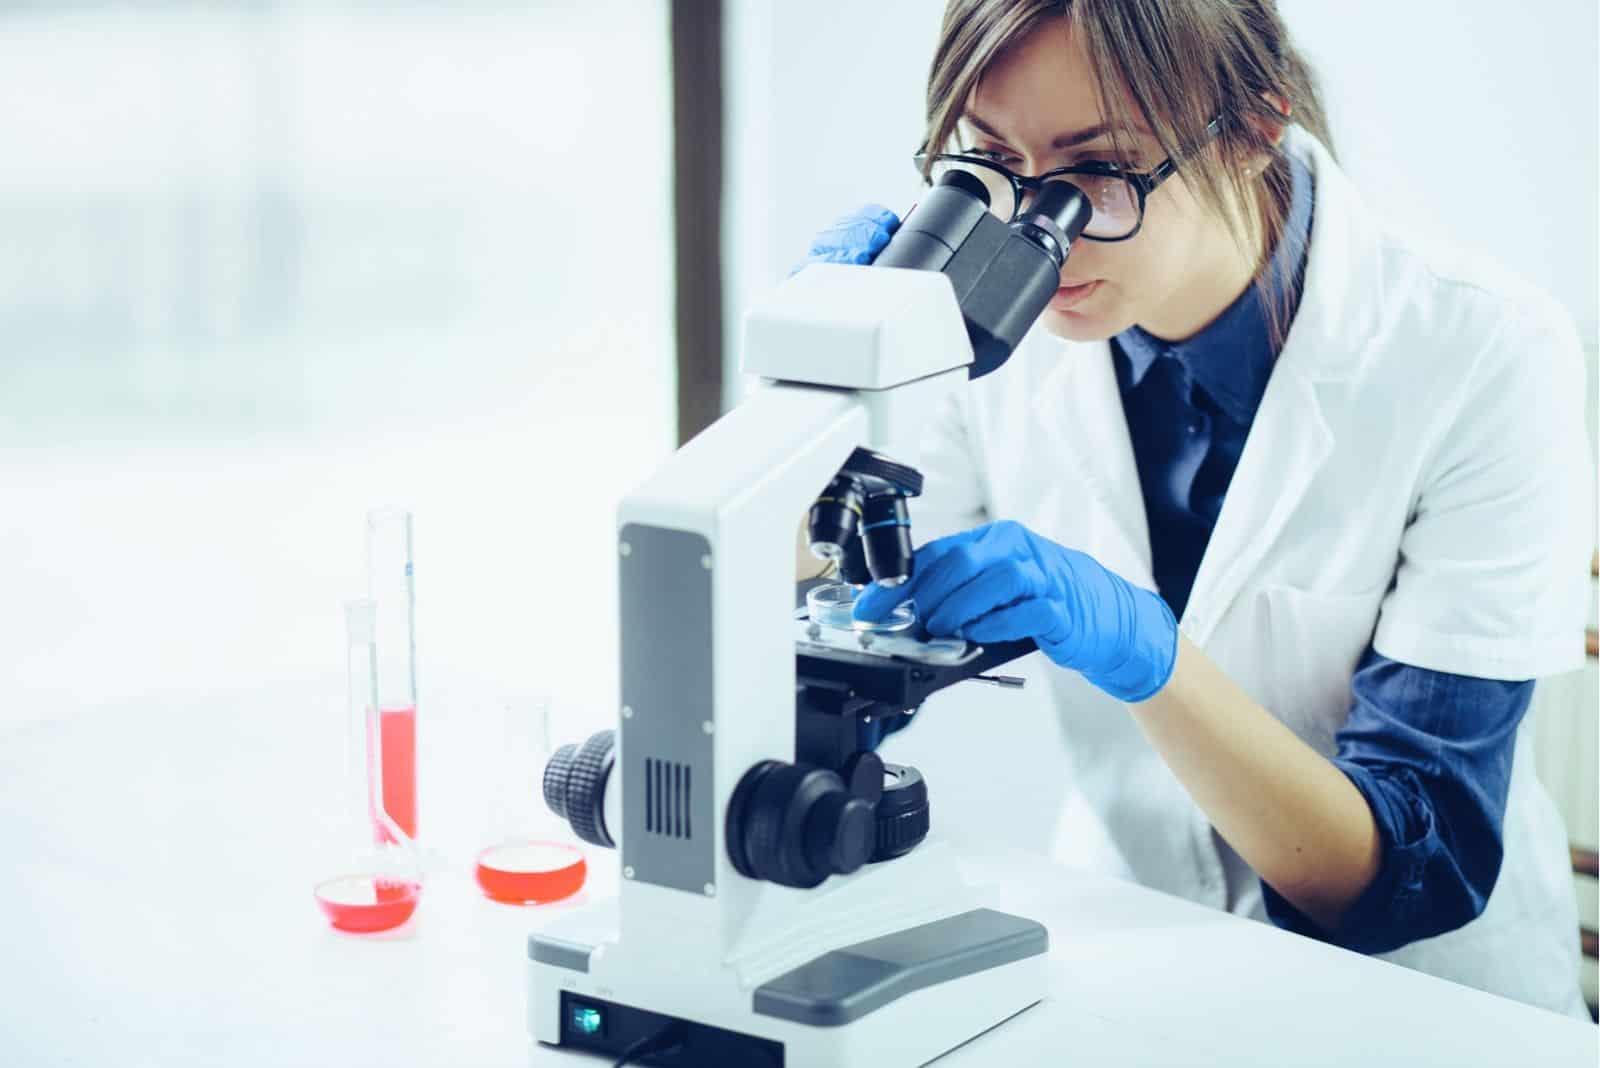 junge Wissenschaftlerin Blick durch ein Mikroskop im Labor